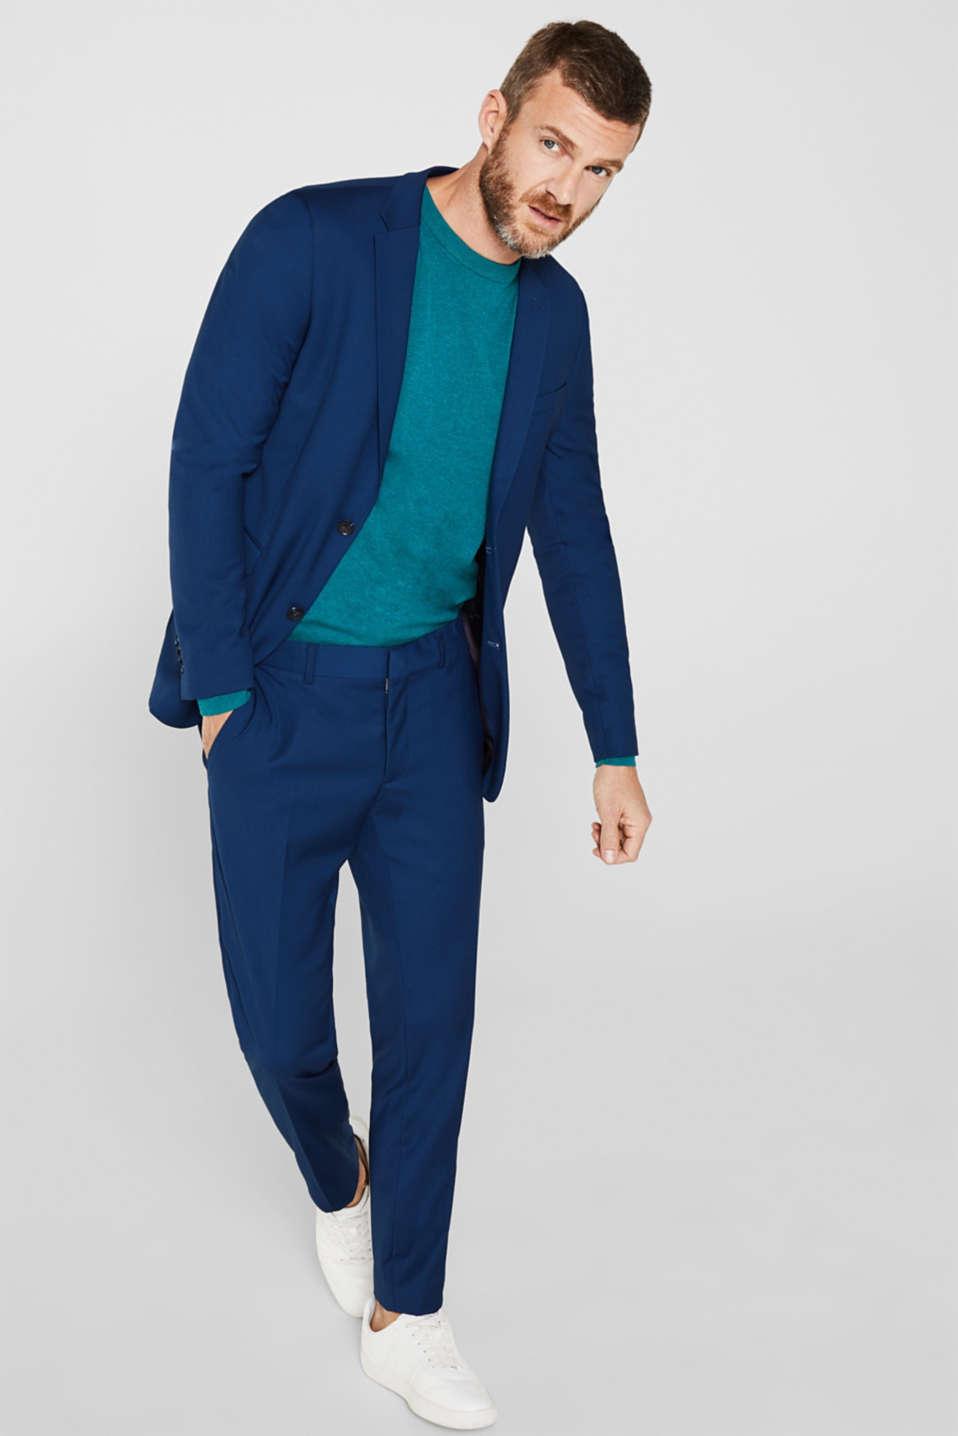 Basic jumper in 100% cotton, TEAL BLUE 5, detail image number 1